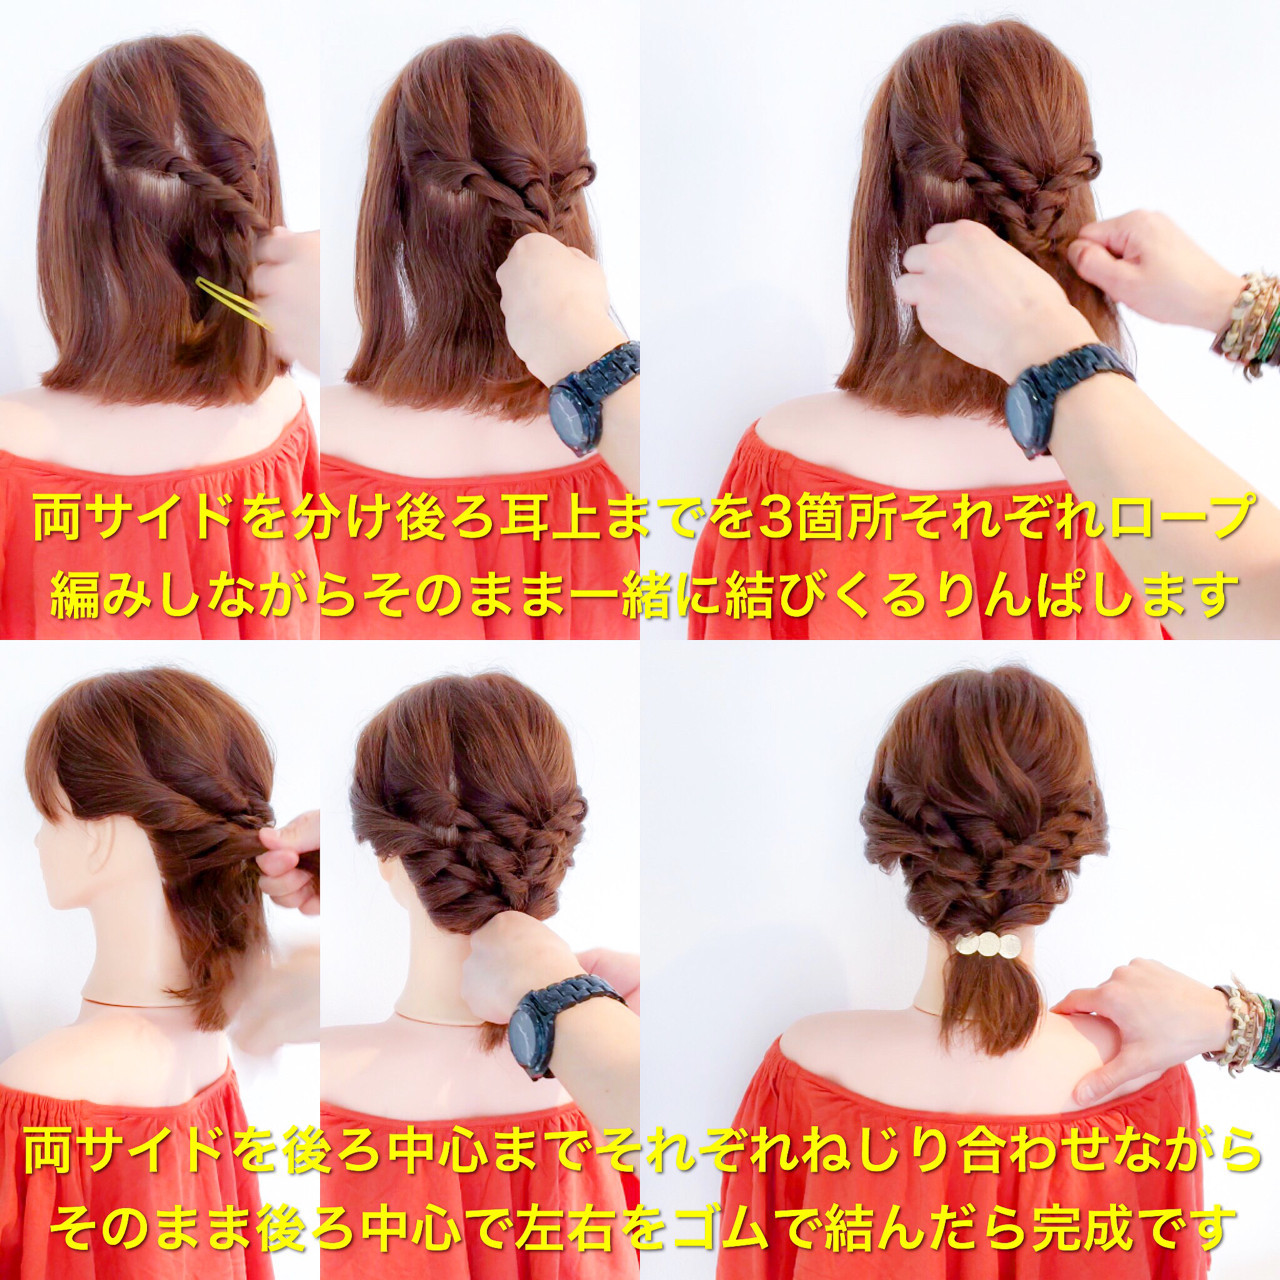 アウトドア フェミニン 簡単ヘアアレンジ ヘアアレンジ ヘアスタイルや髪型の写真・画像